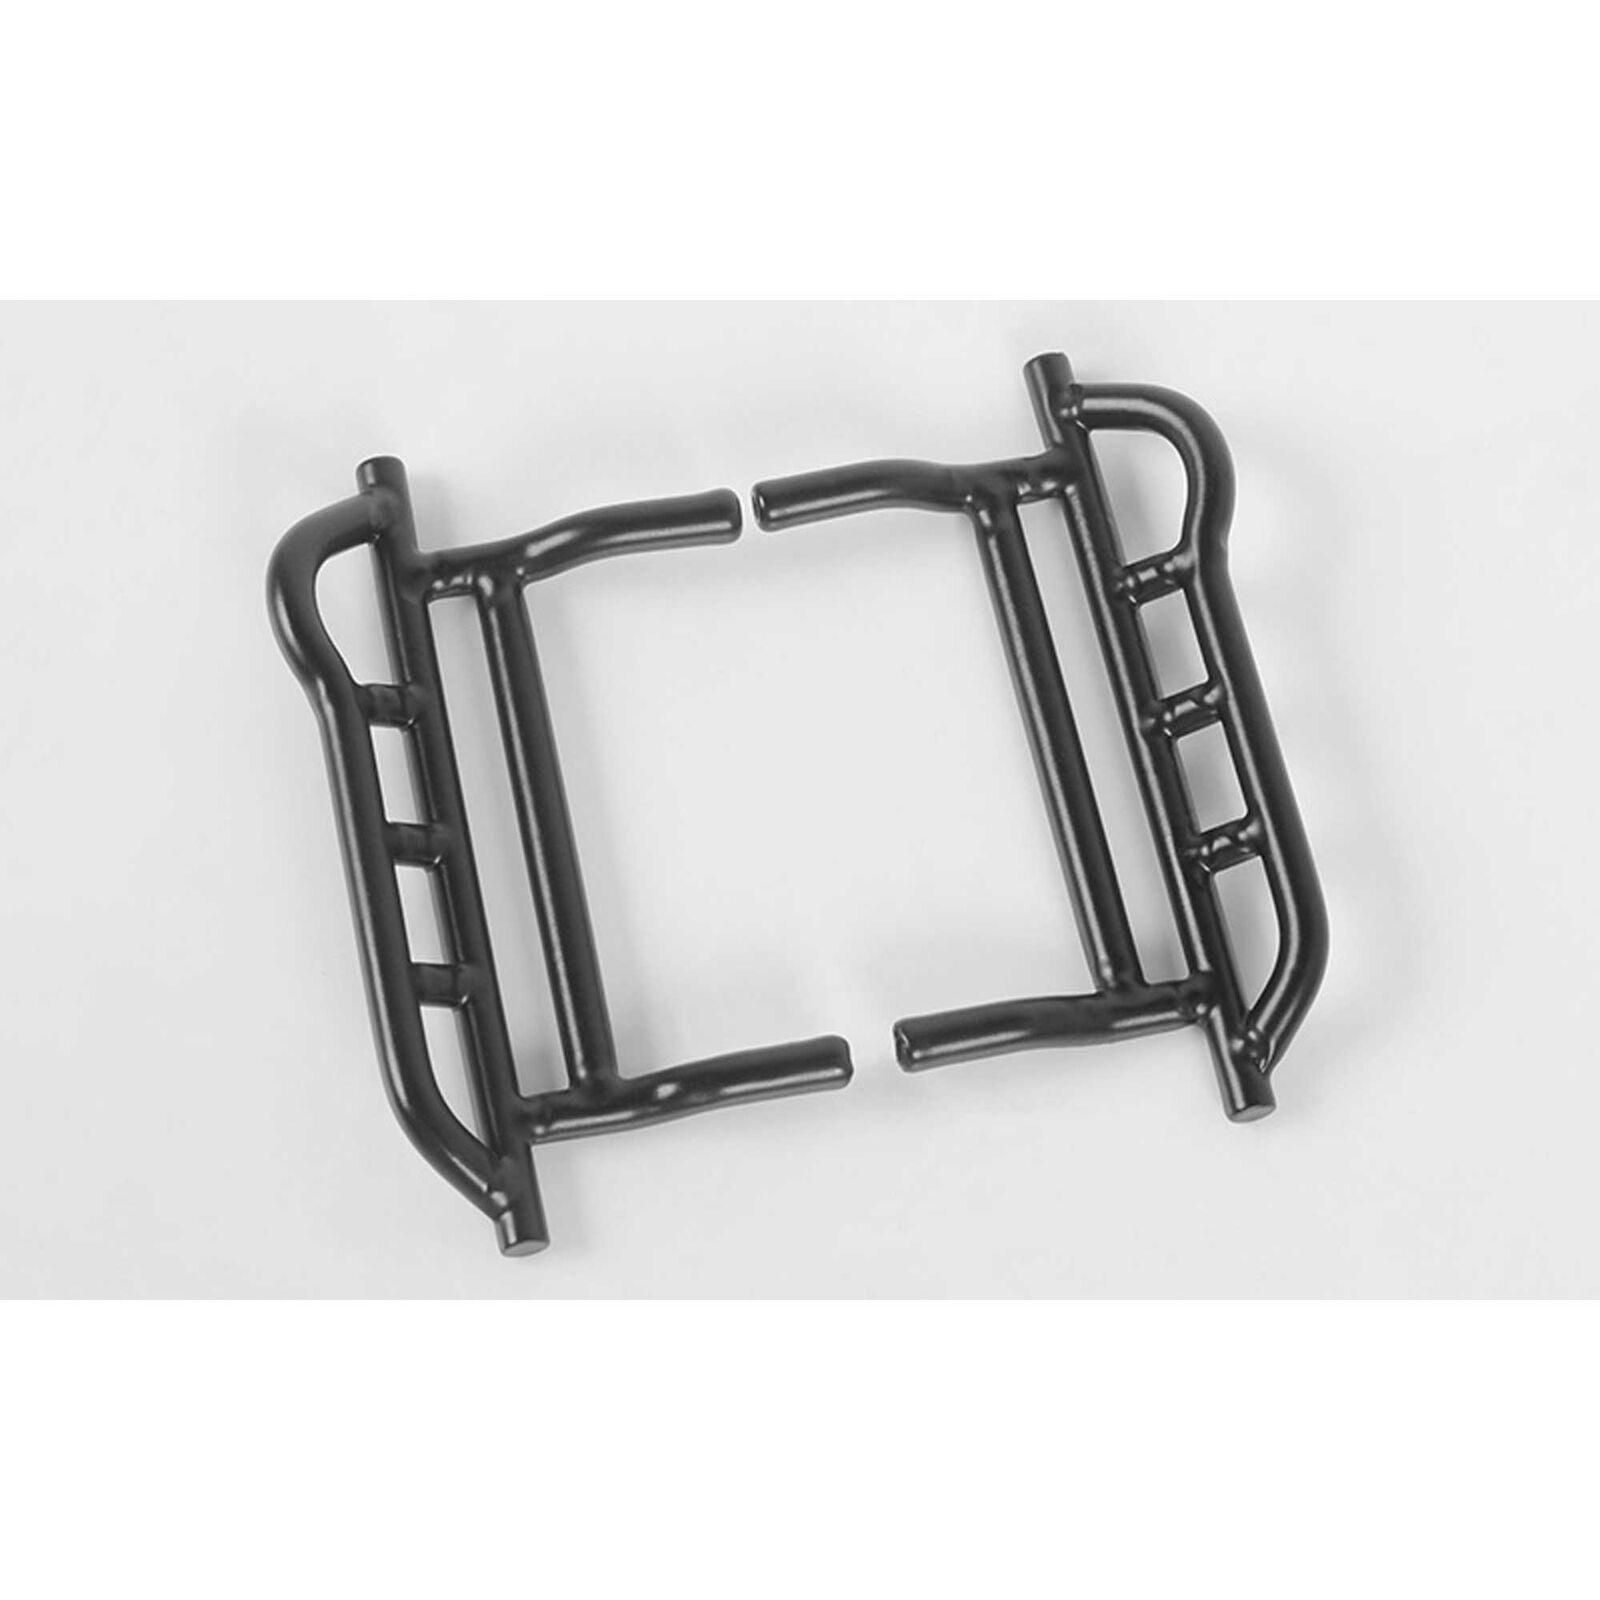 TA Side Steel Sliders: Gelande II with BlackJack Body